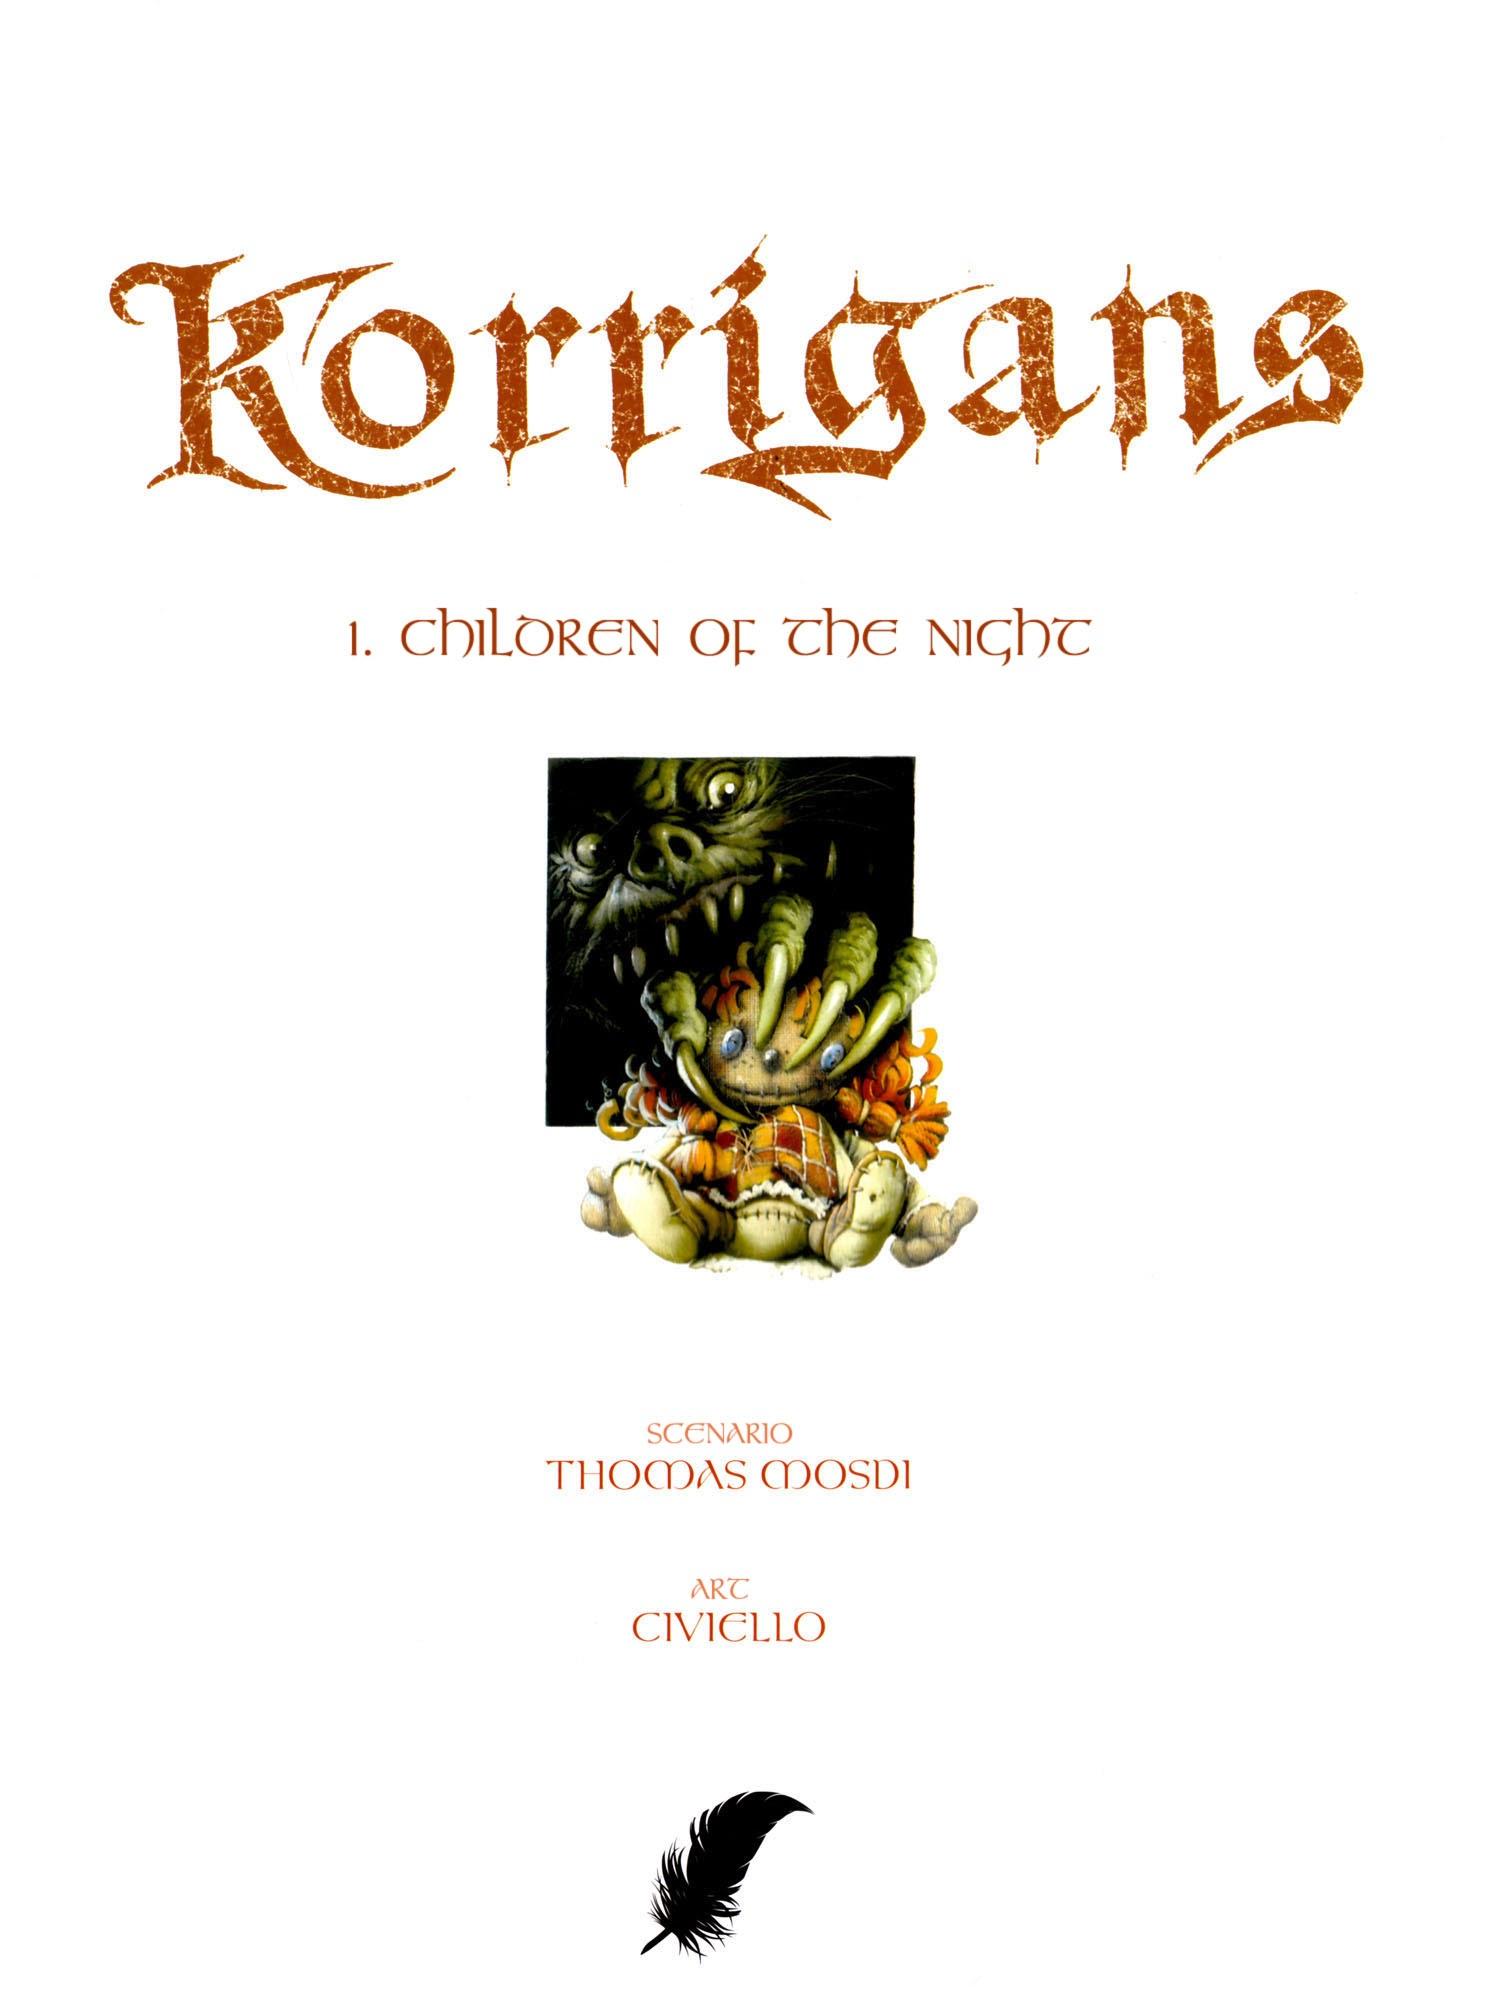 Korrigans 1 Page 2